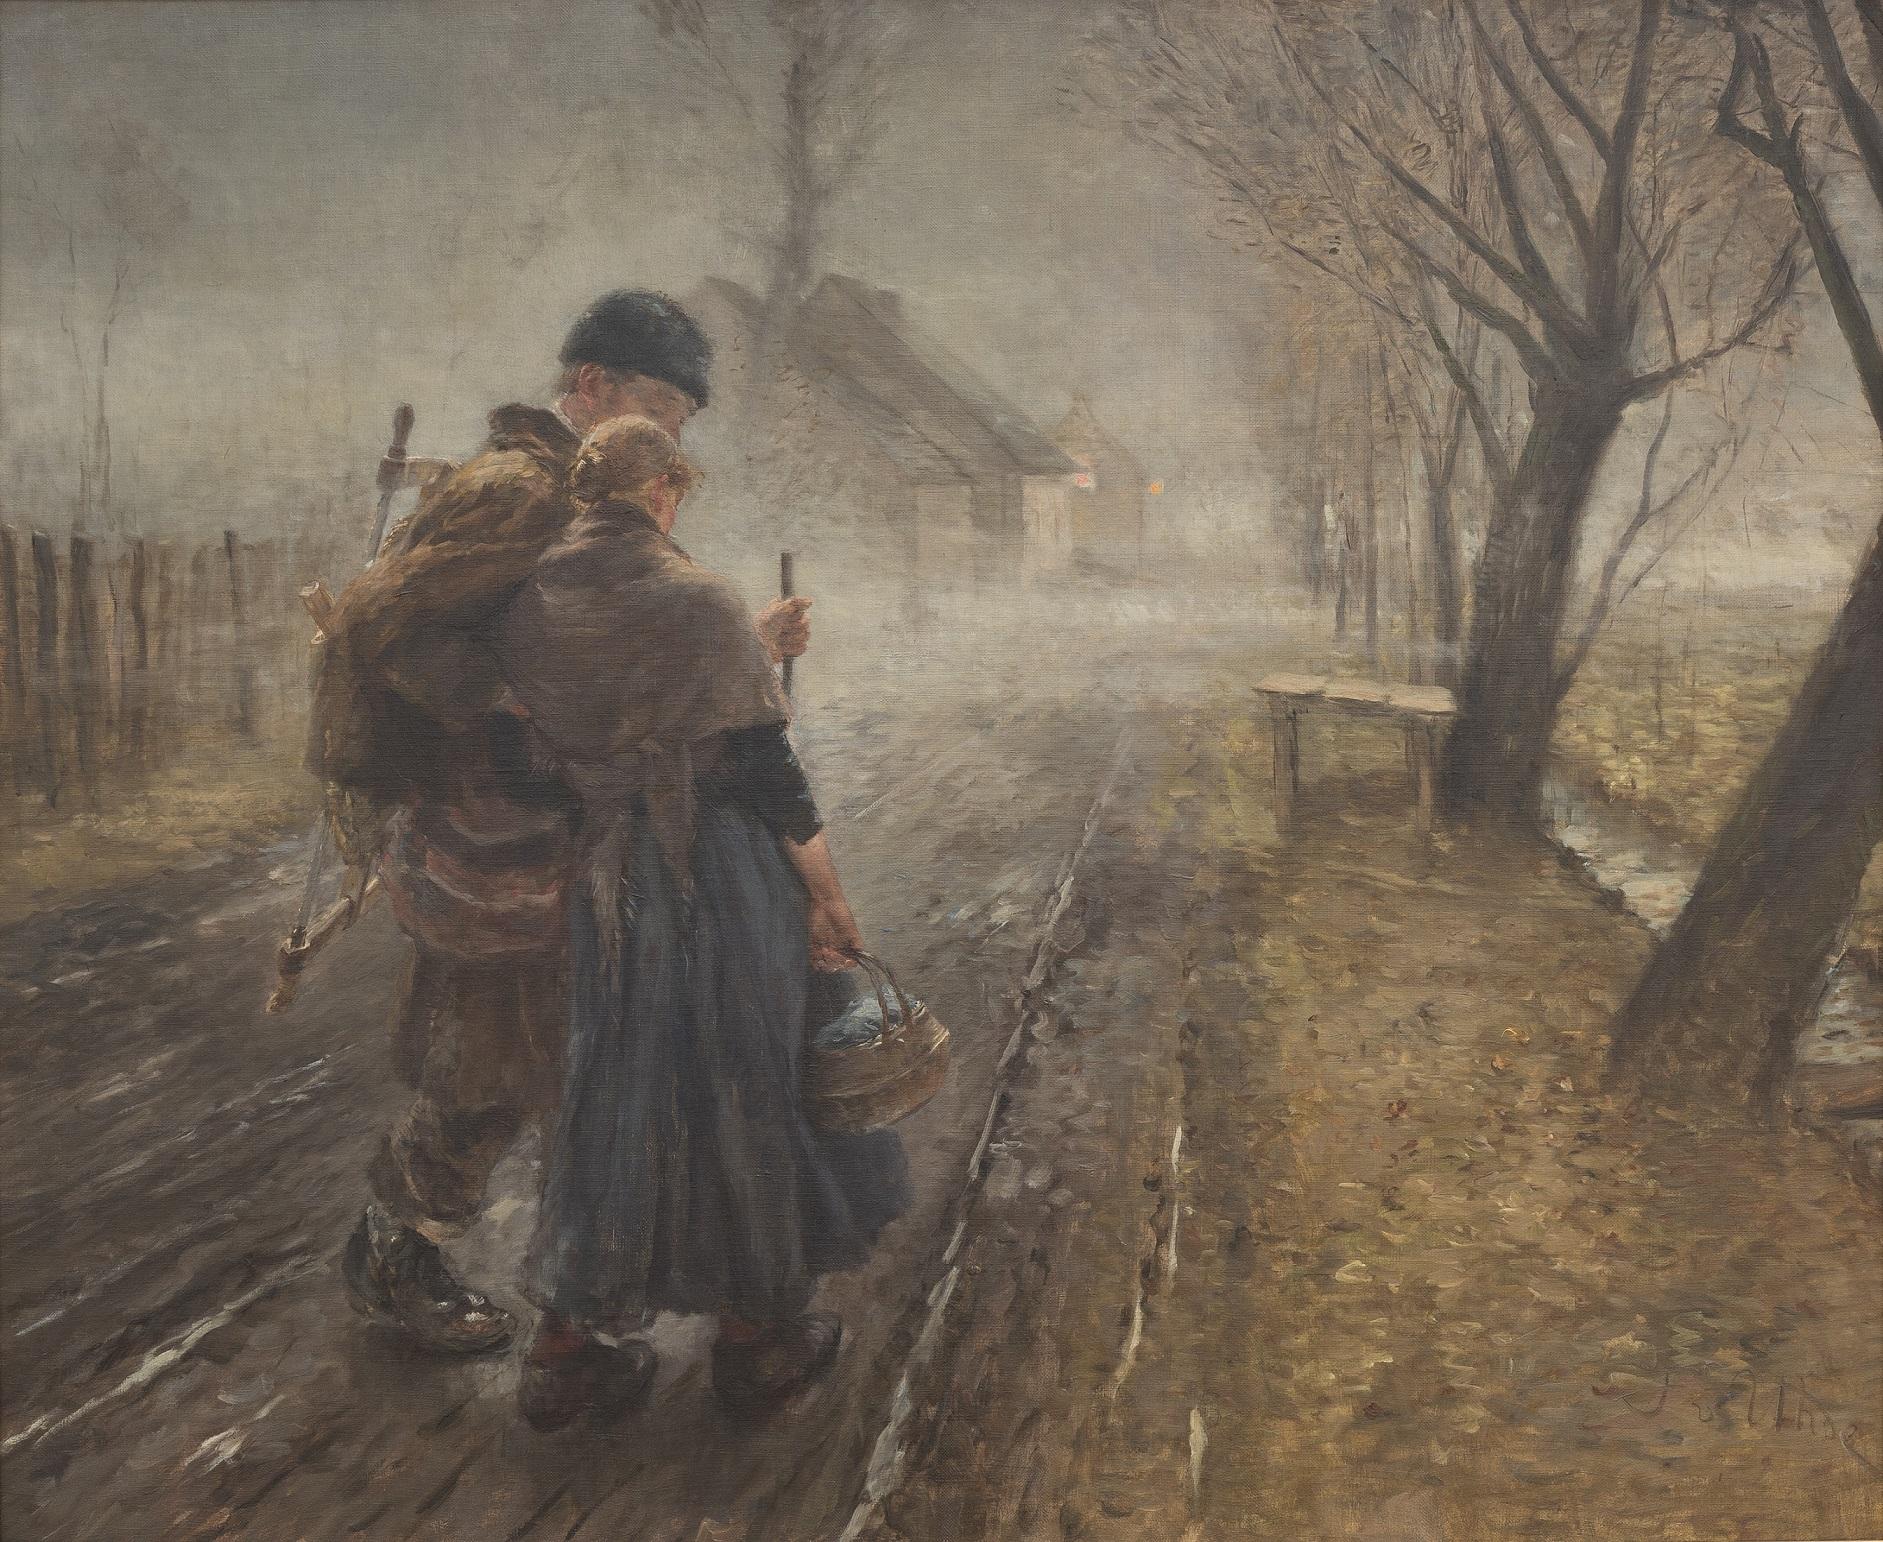 Fritz von Uhde, Gang nach Bethlehem, 1890, 92 × 110 cm; Museum Wiesbaden